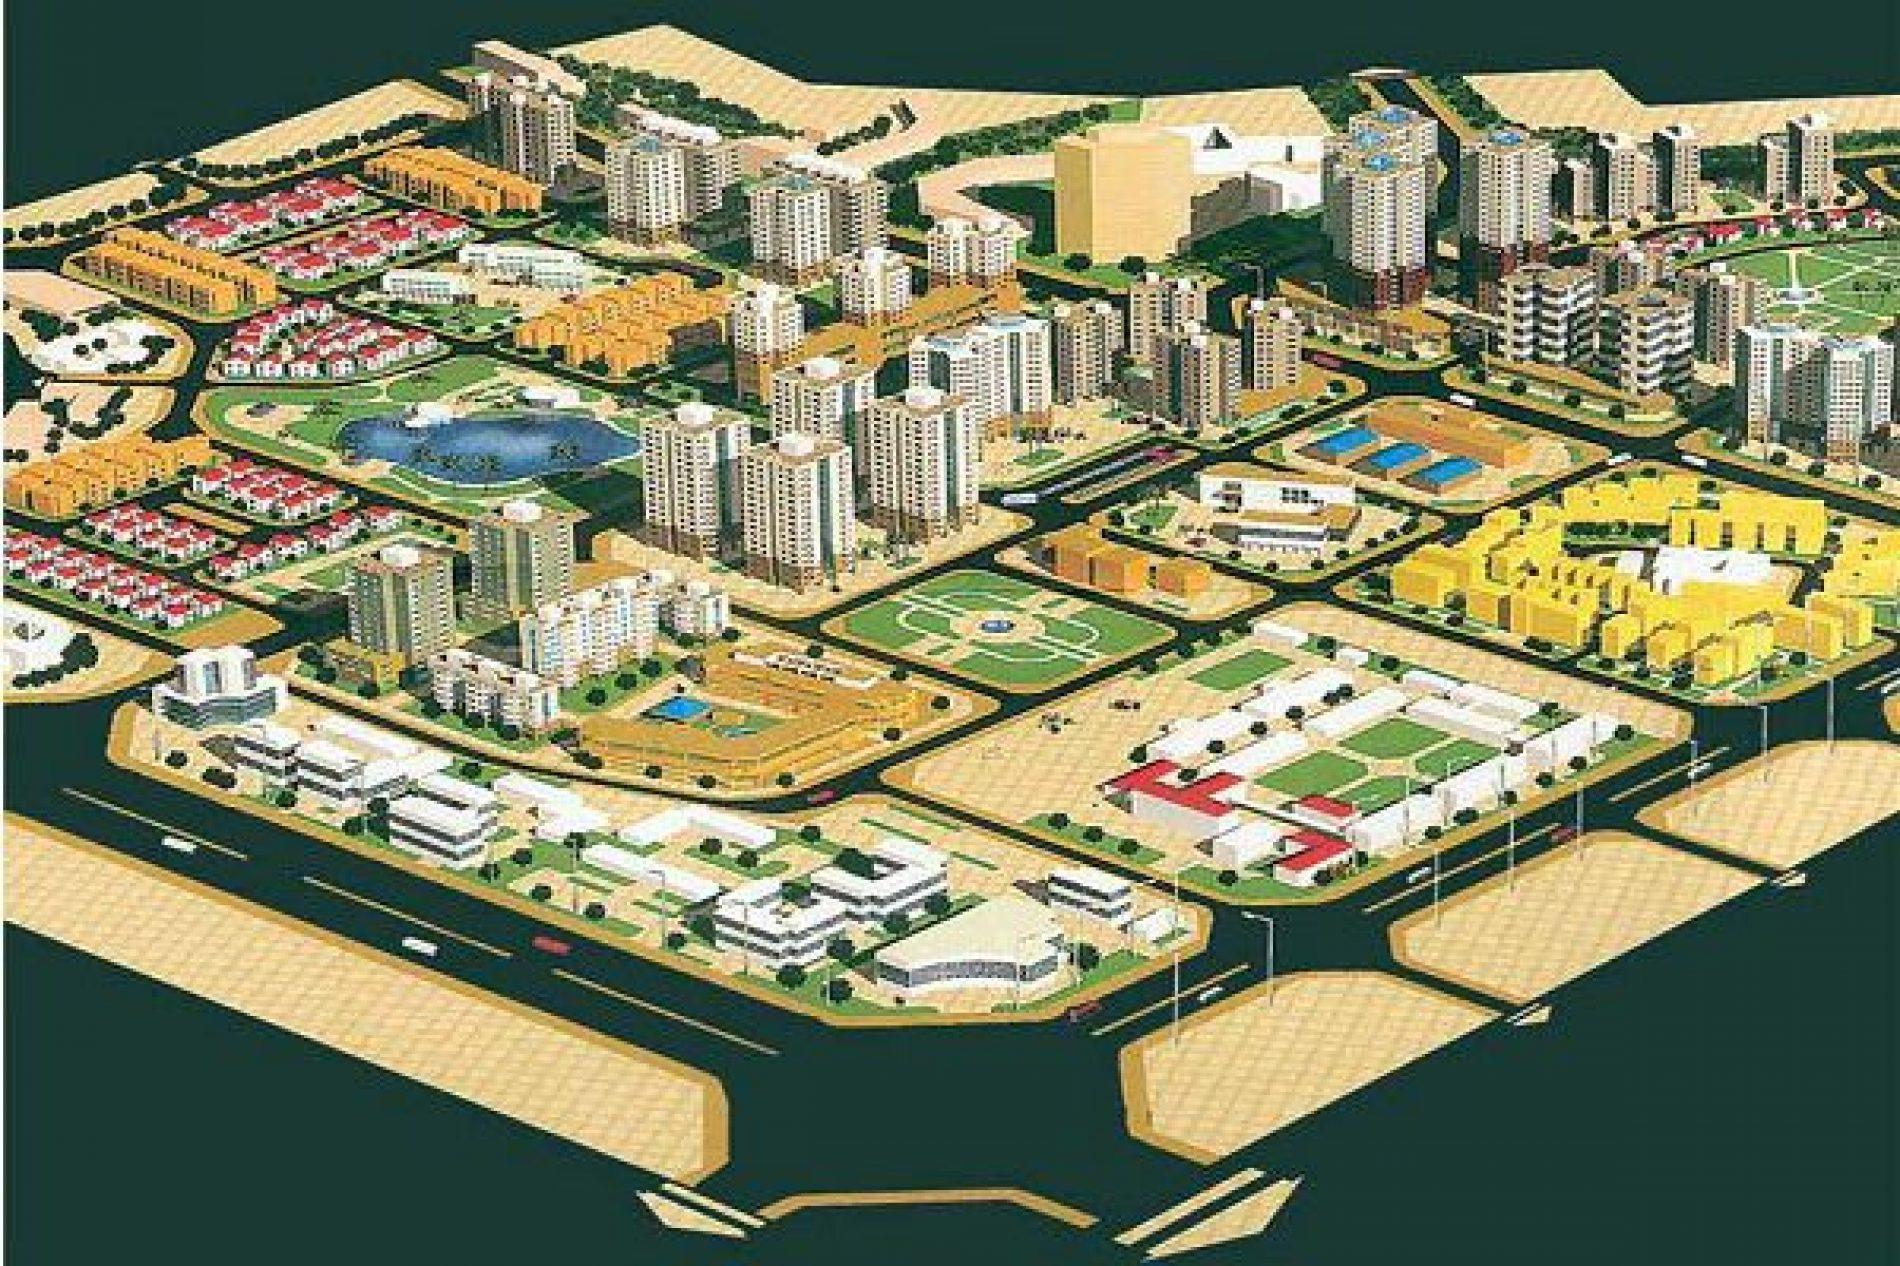 Chung cư Sài Đồng giá gốc chủ đầu tư handico từ 17 tr/m2